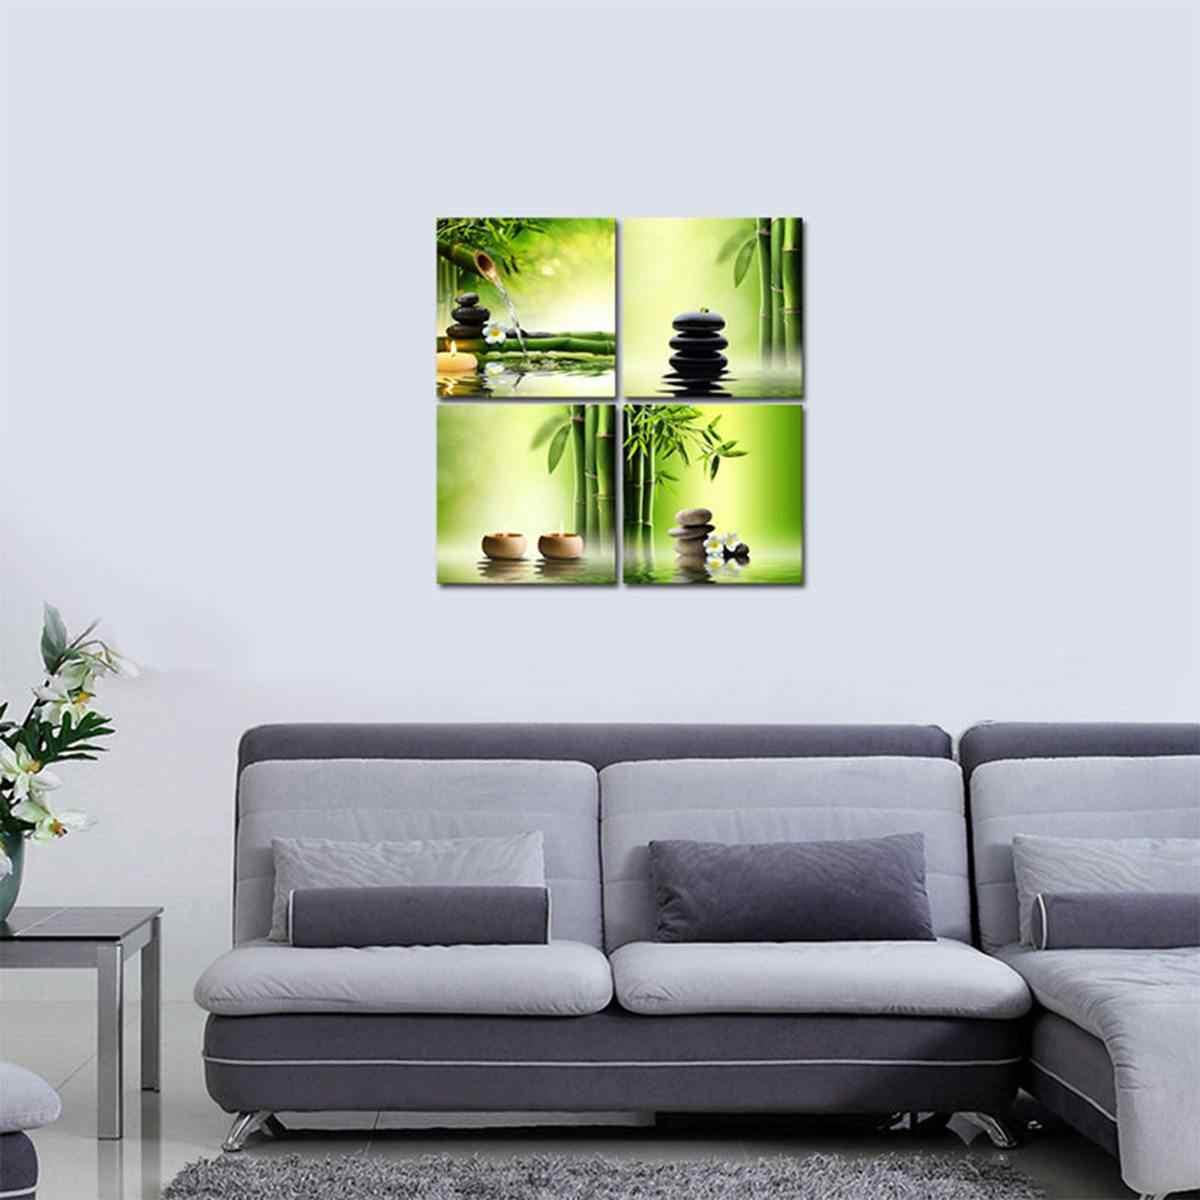 4 قطعة 30 سنتيمتر X 30 سنتيمتر الأخضر الخيزران زن الحجر قماش تزيين المنزل الجدار ملصق فني اللوحة الحمام الصورة معيشة ديكور لا الإطار